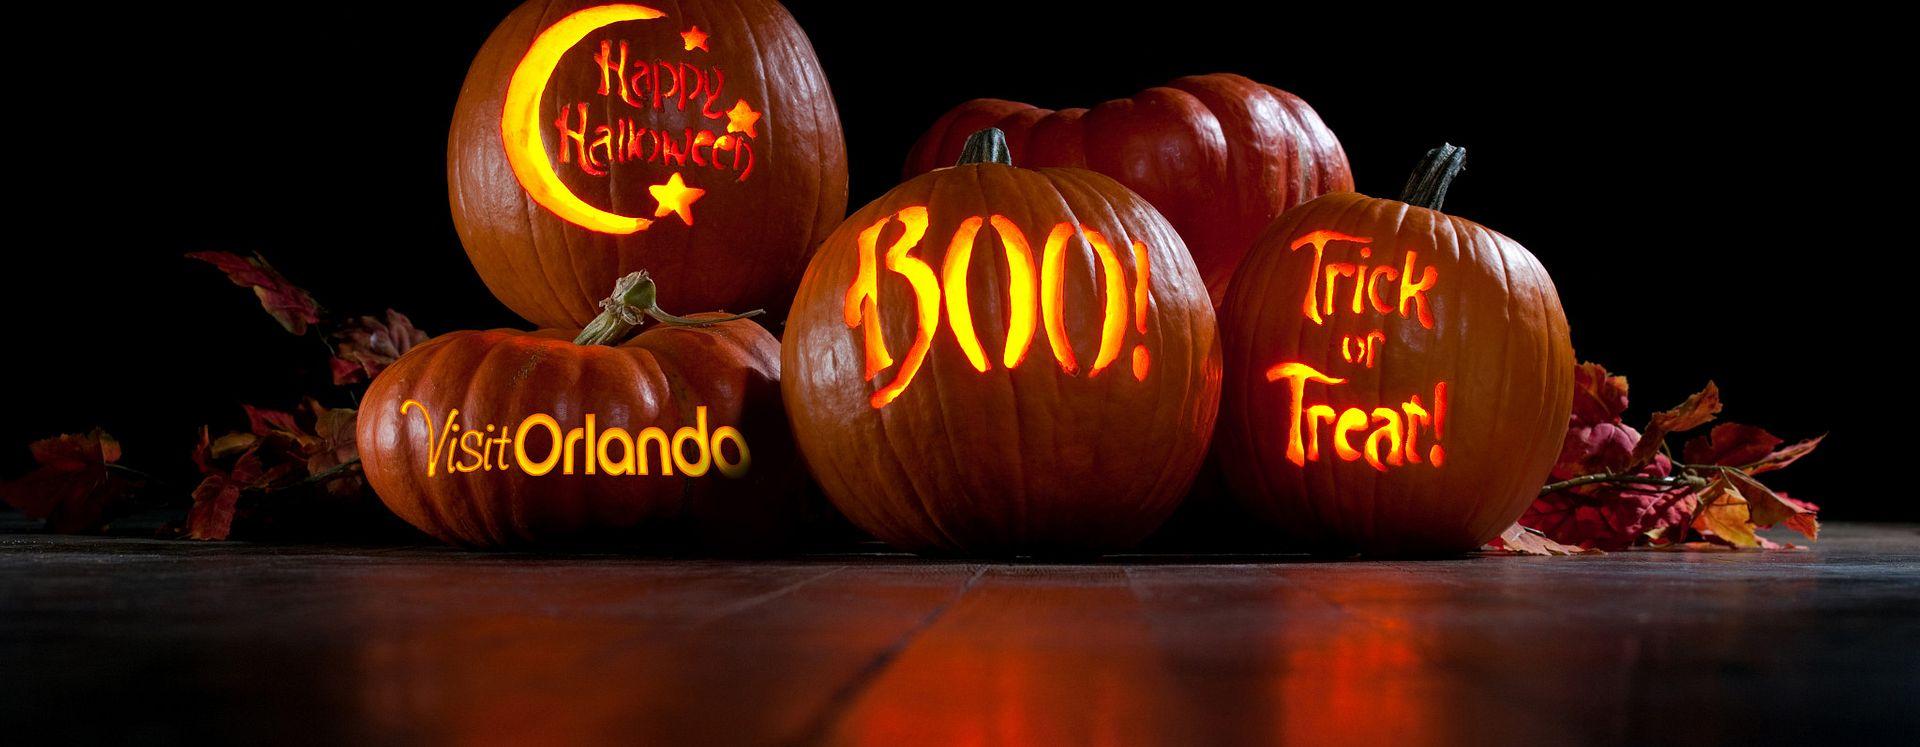 Calabazas iluminadas en la noche de Halloween